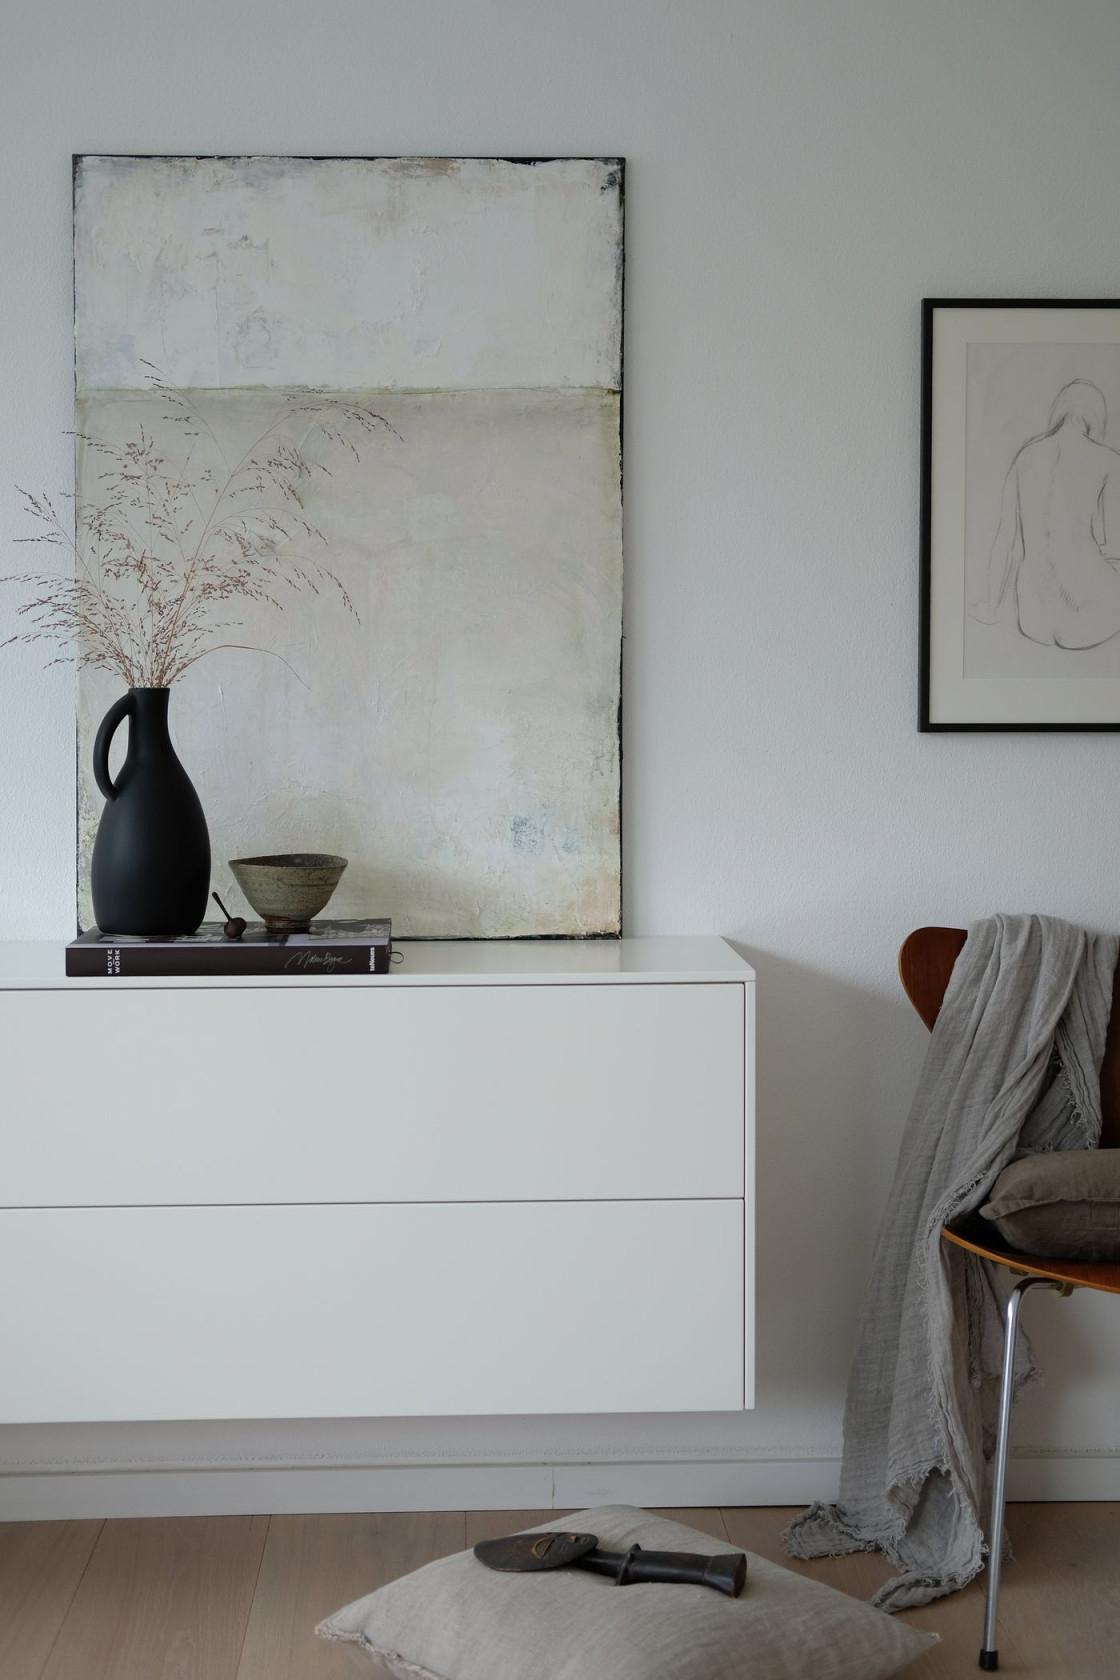 Die Schönsten Sideboards 500 Bilder Aus Echten Wohnungen von Deko Sideboard Wohnzimmer Bild